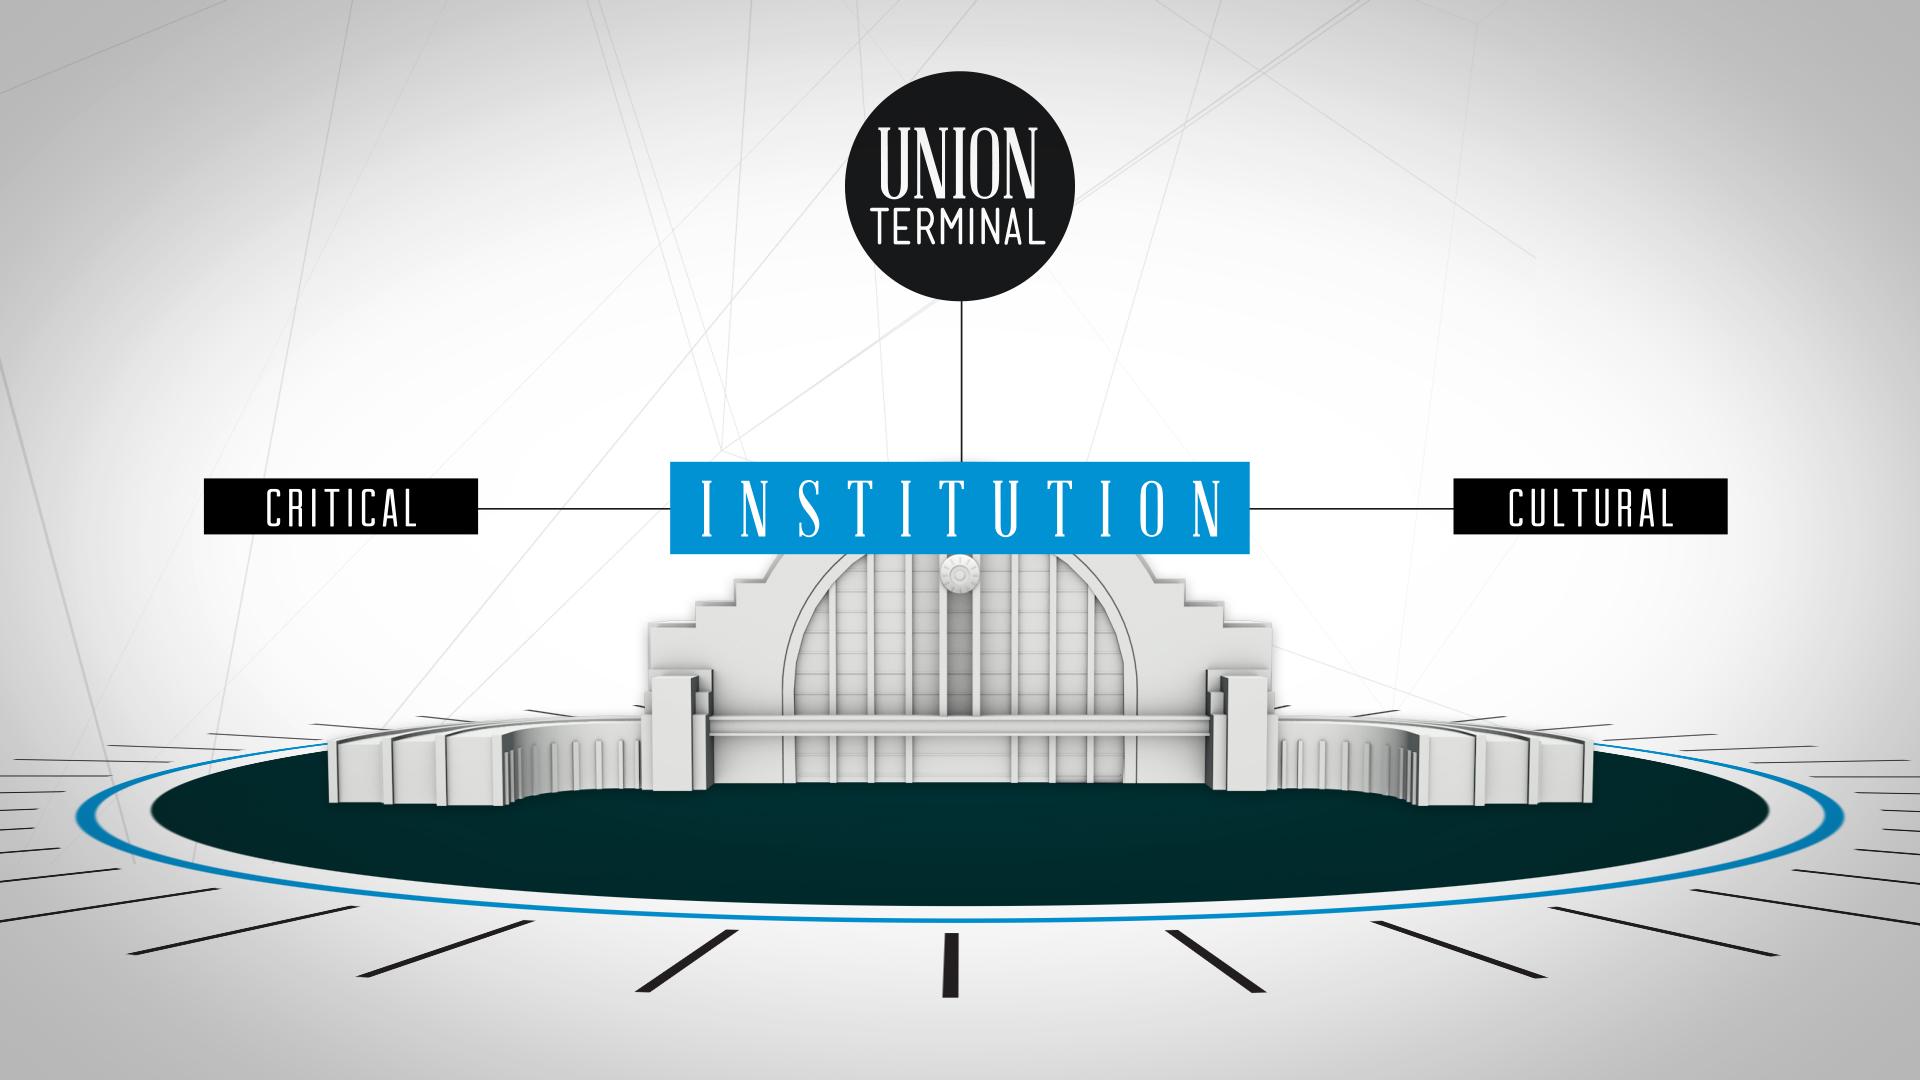 06-Critical-cultural-institution